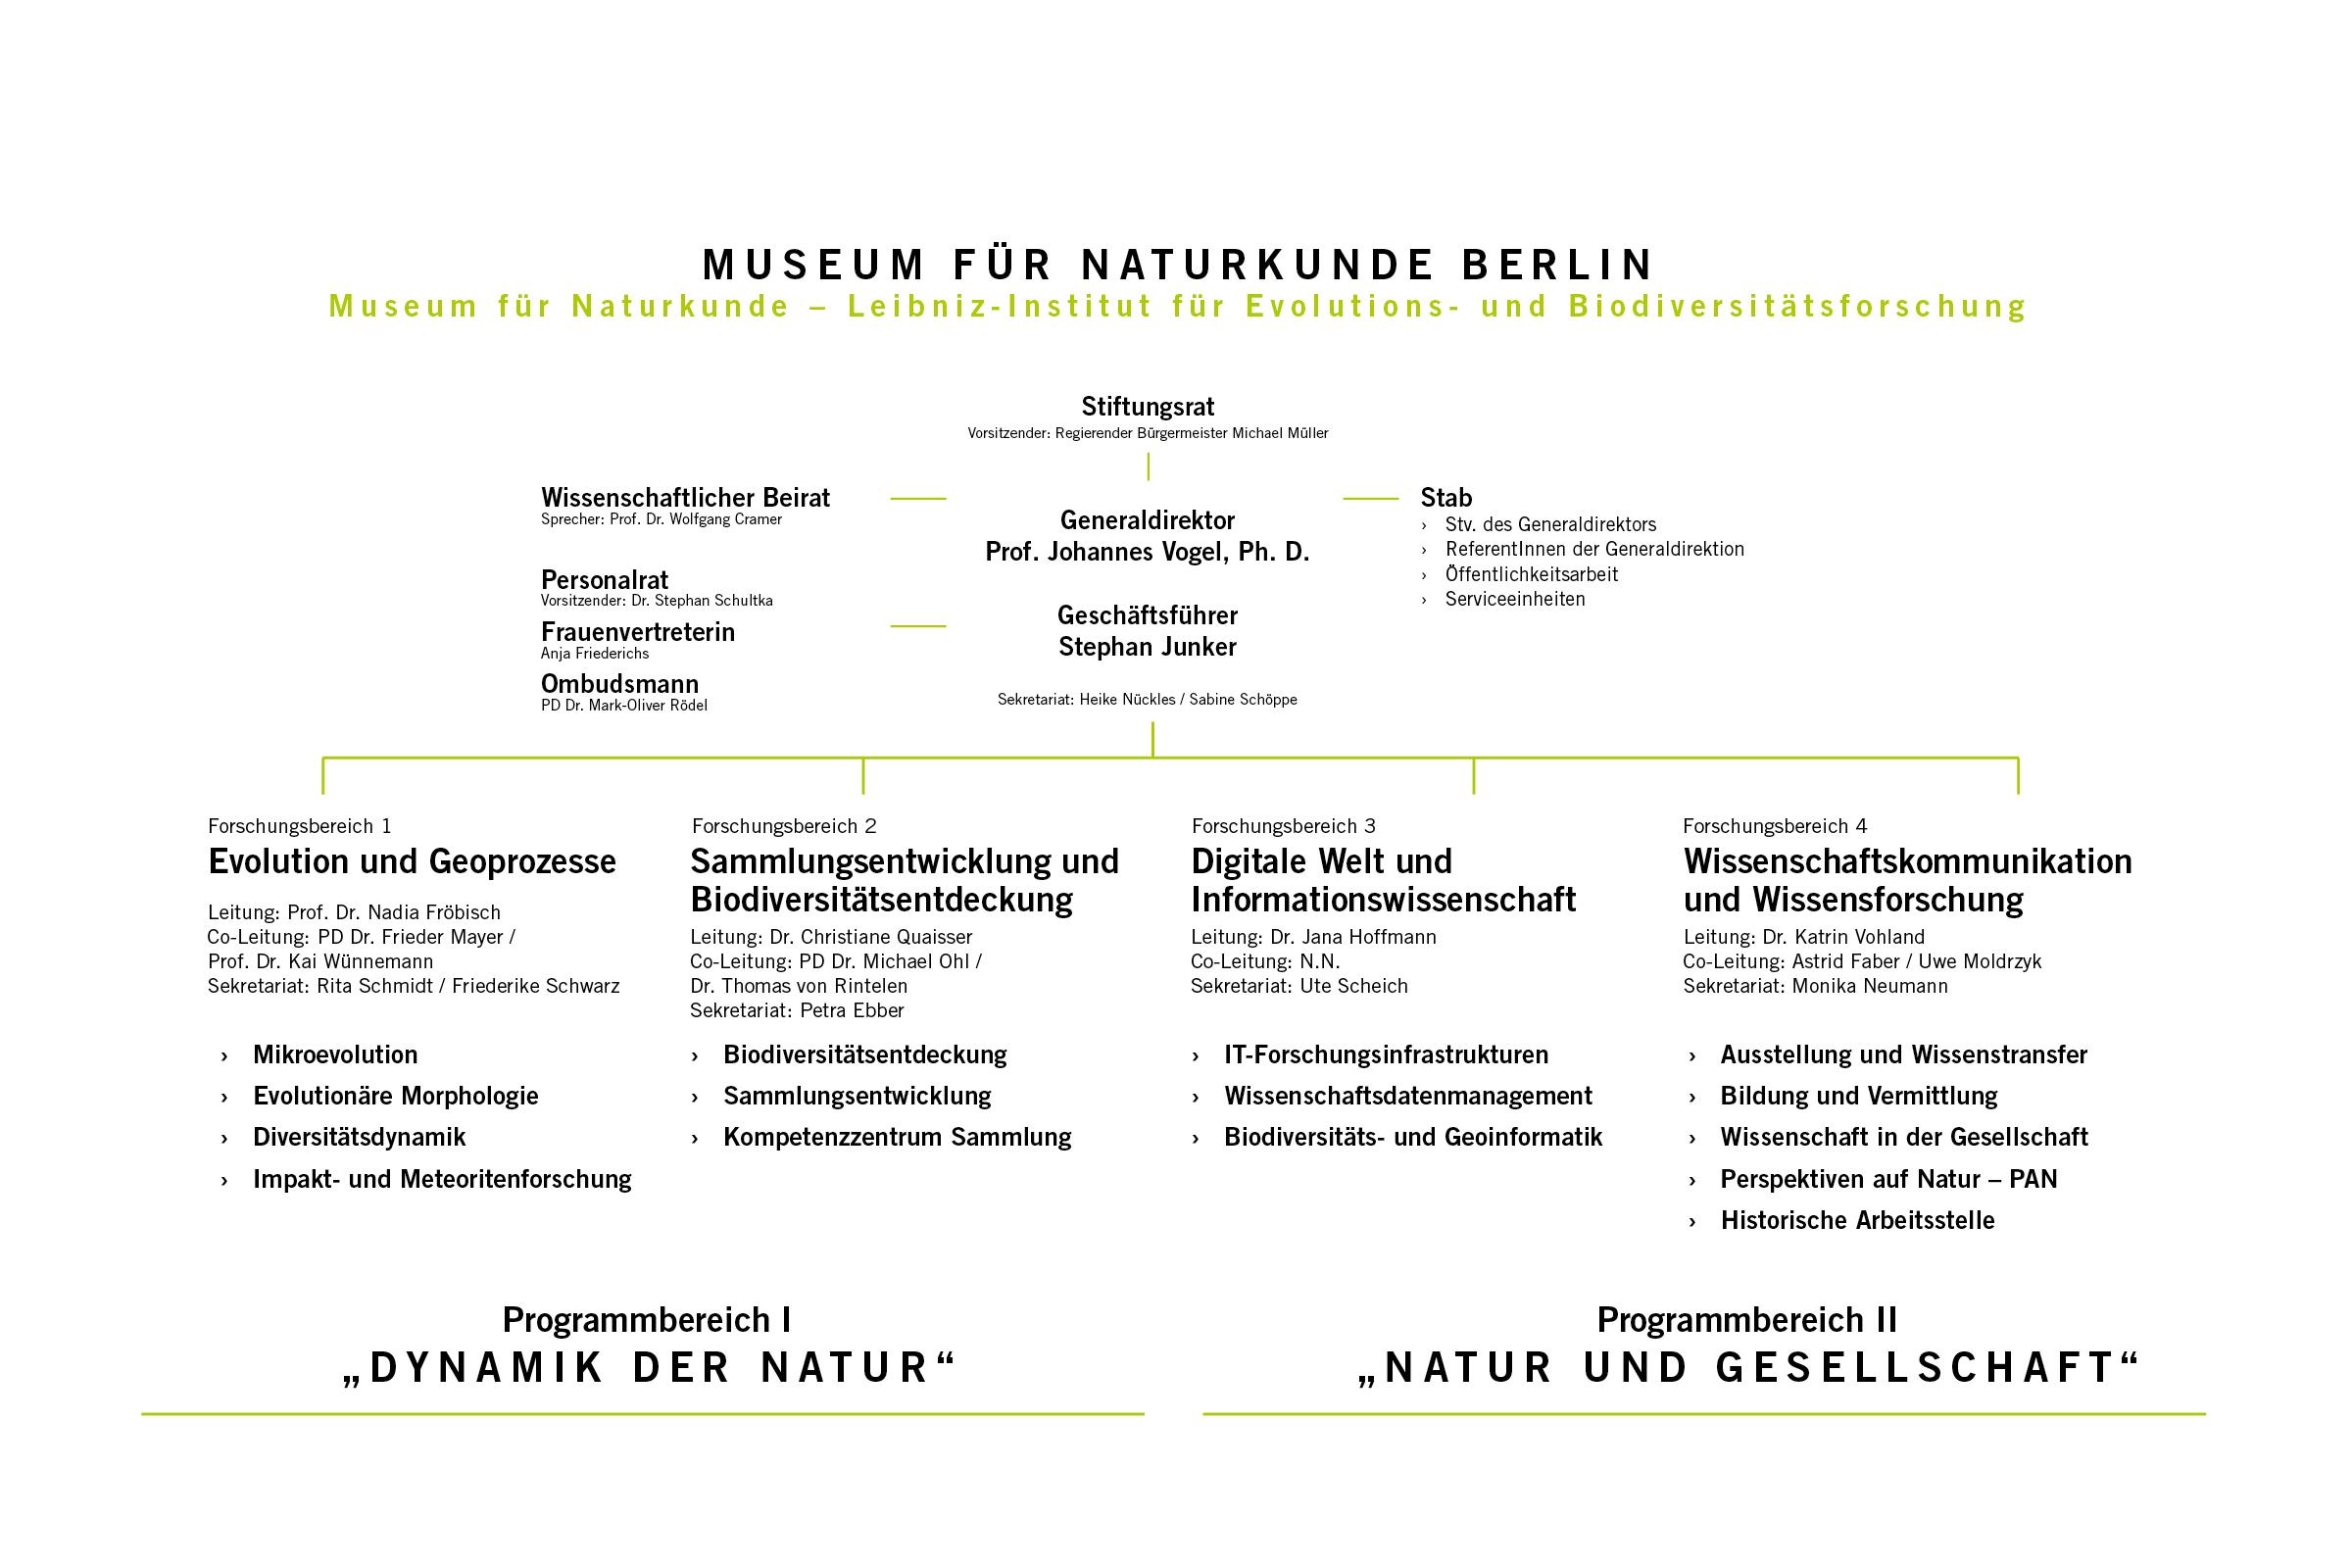 Organigramm des Museums für Naturkunde Stand Januar 2018